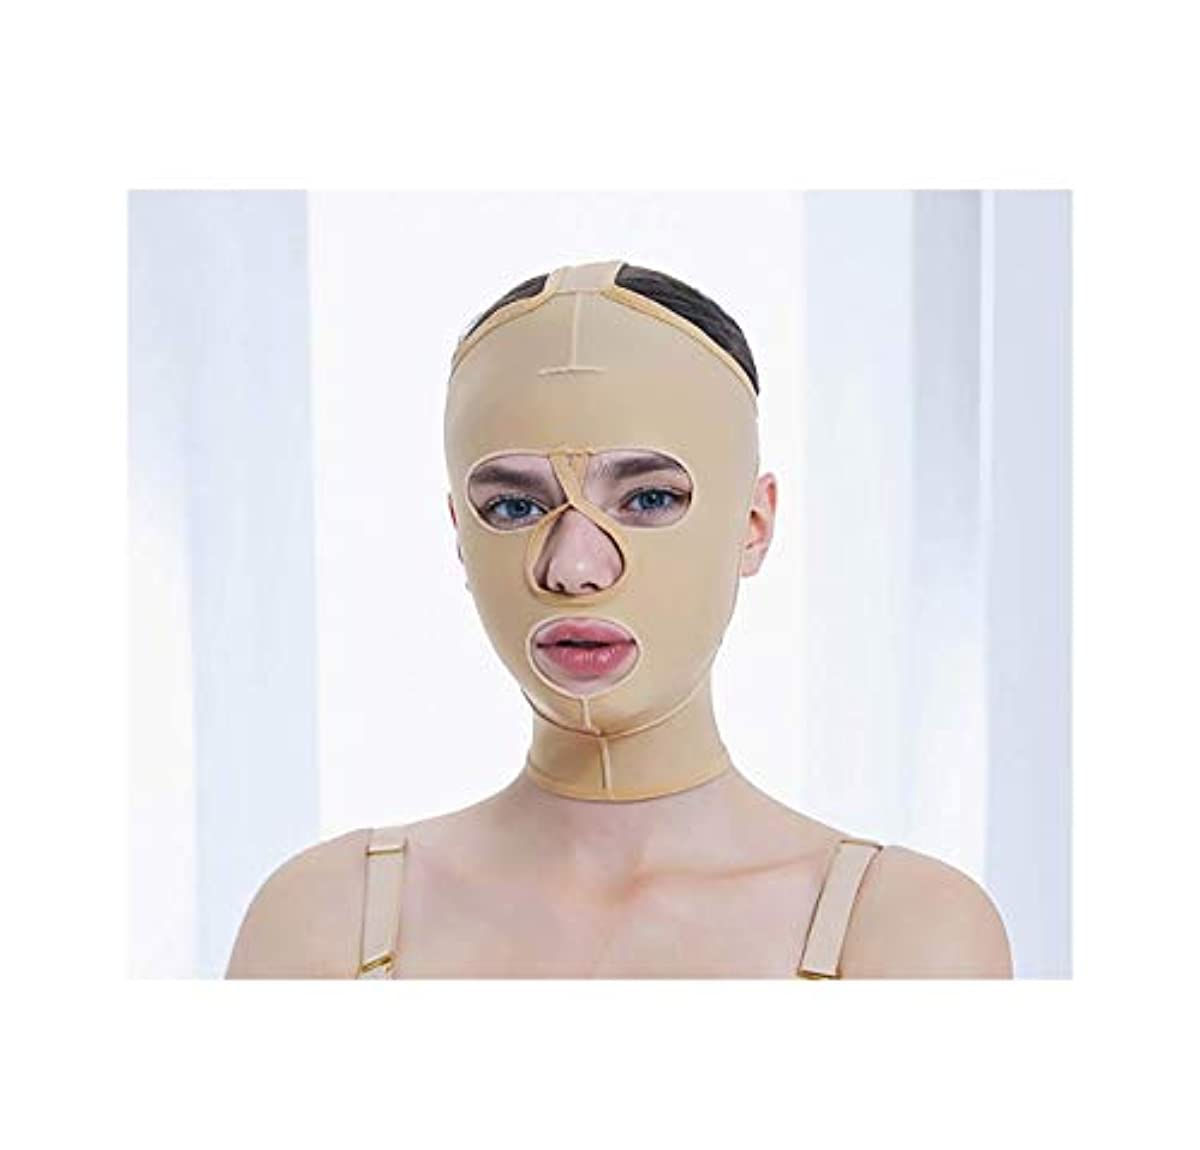 振るう付添人ロイヤリティフェイス&ネックリフト、減量フェイスマスク脂肪吸引術脂肪吸引整形マスクフードフェイスリフティングアーティファクトVフェイスビームフェイス弾性スリーブ(サイズ:XS),XS